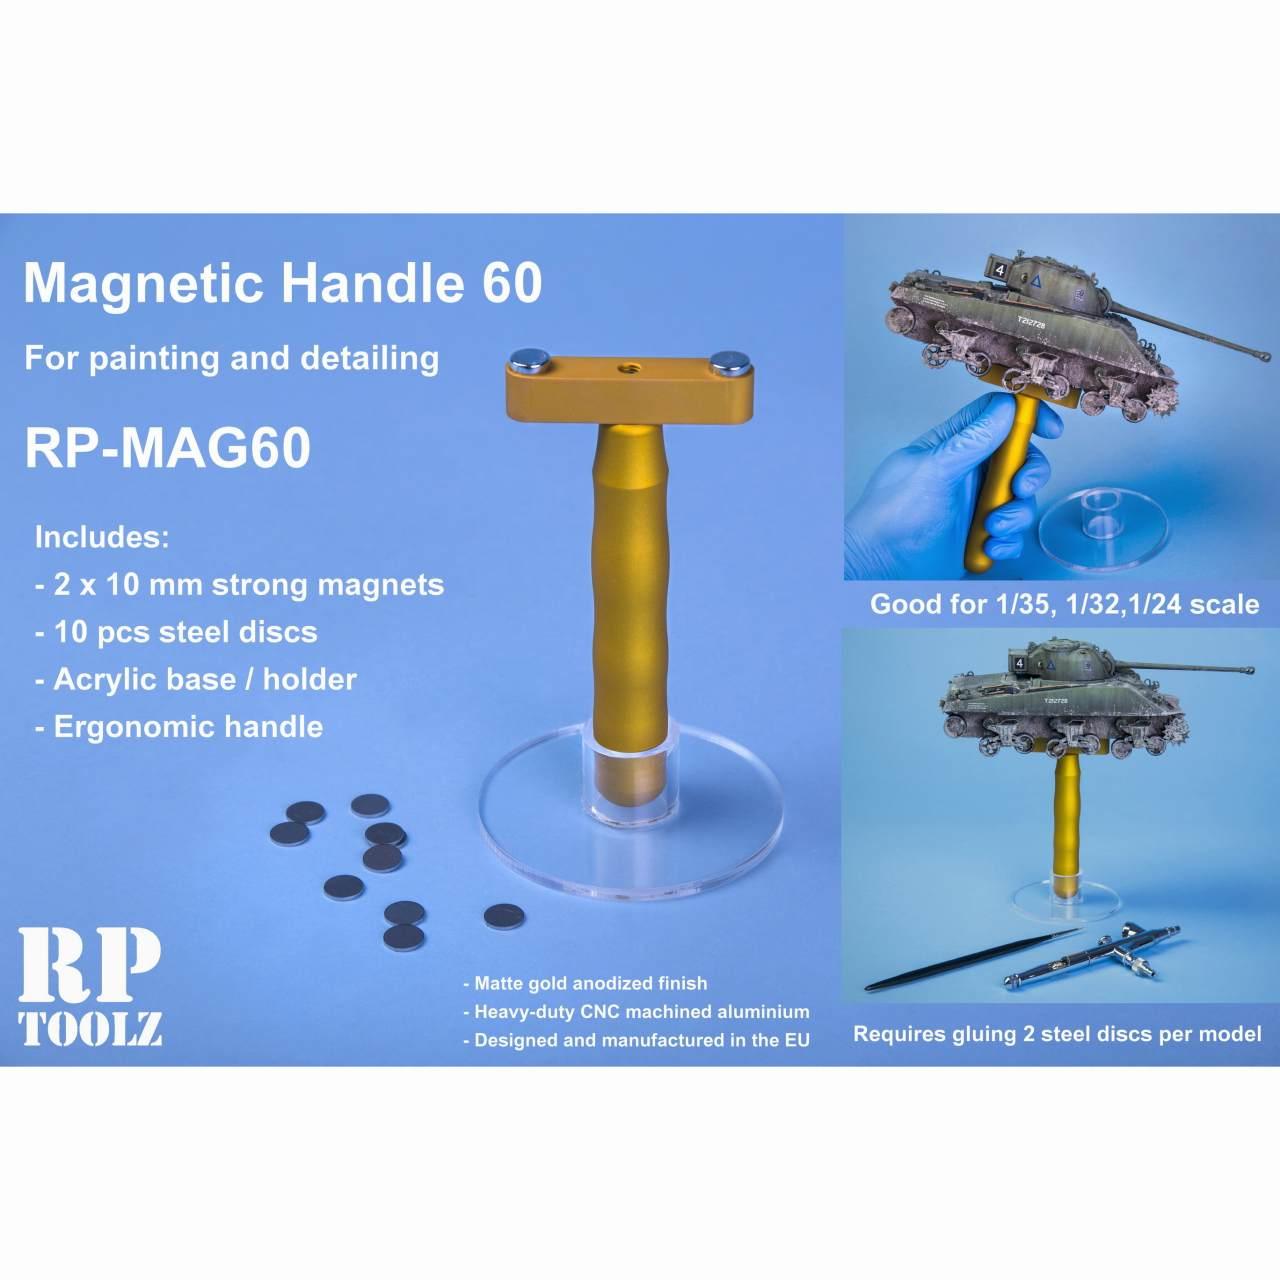 【新製品】RP-MAG60 マグネティックハンドル60